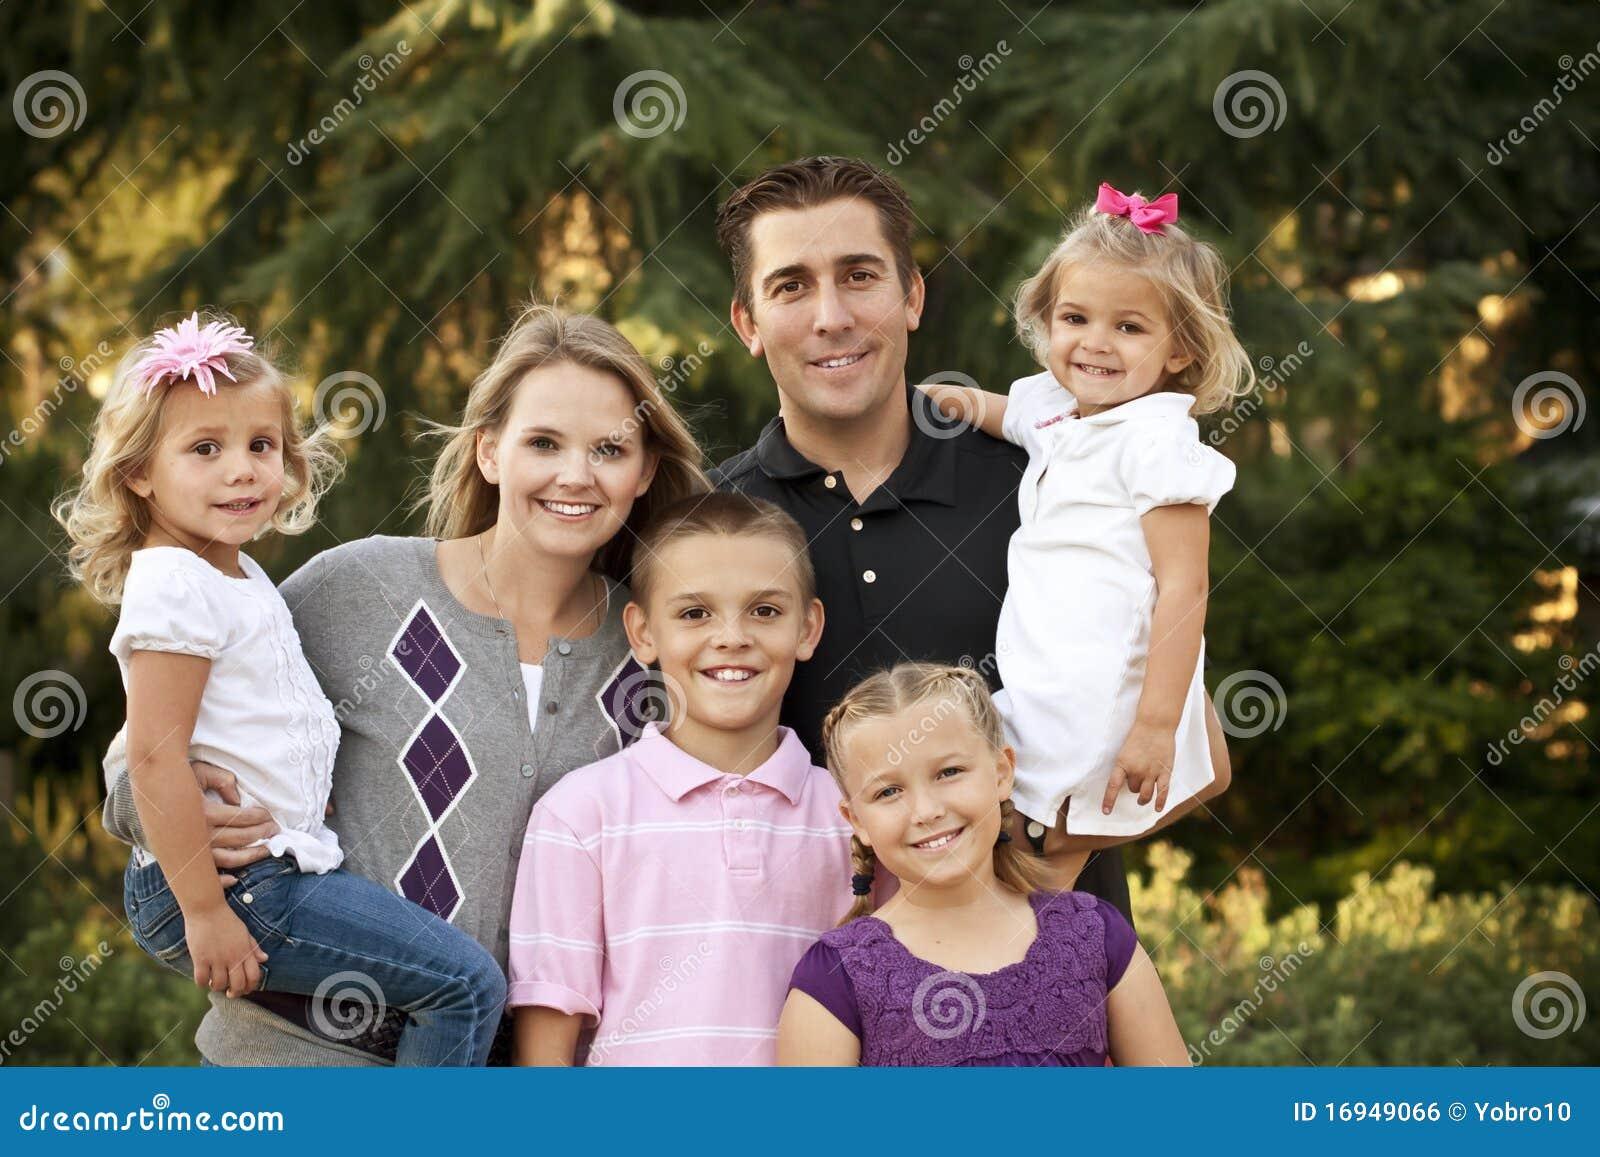 Schönes junges Familien-Portrait